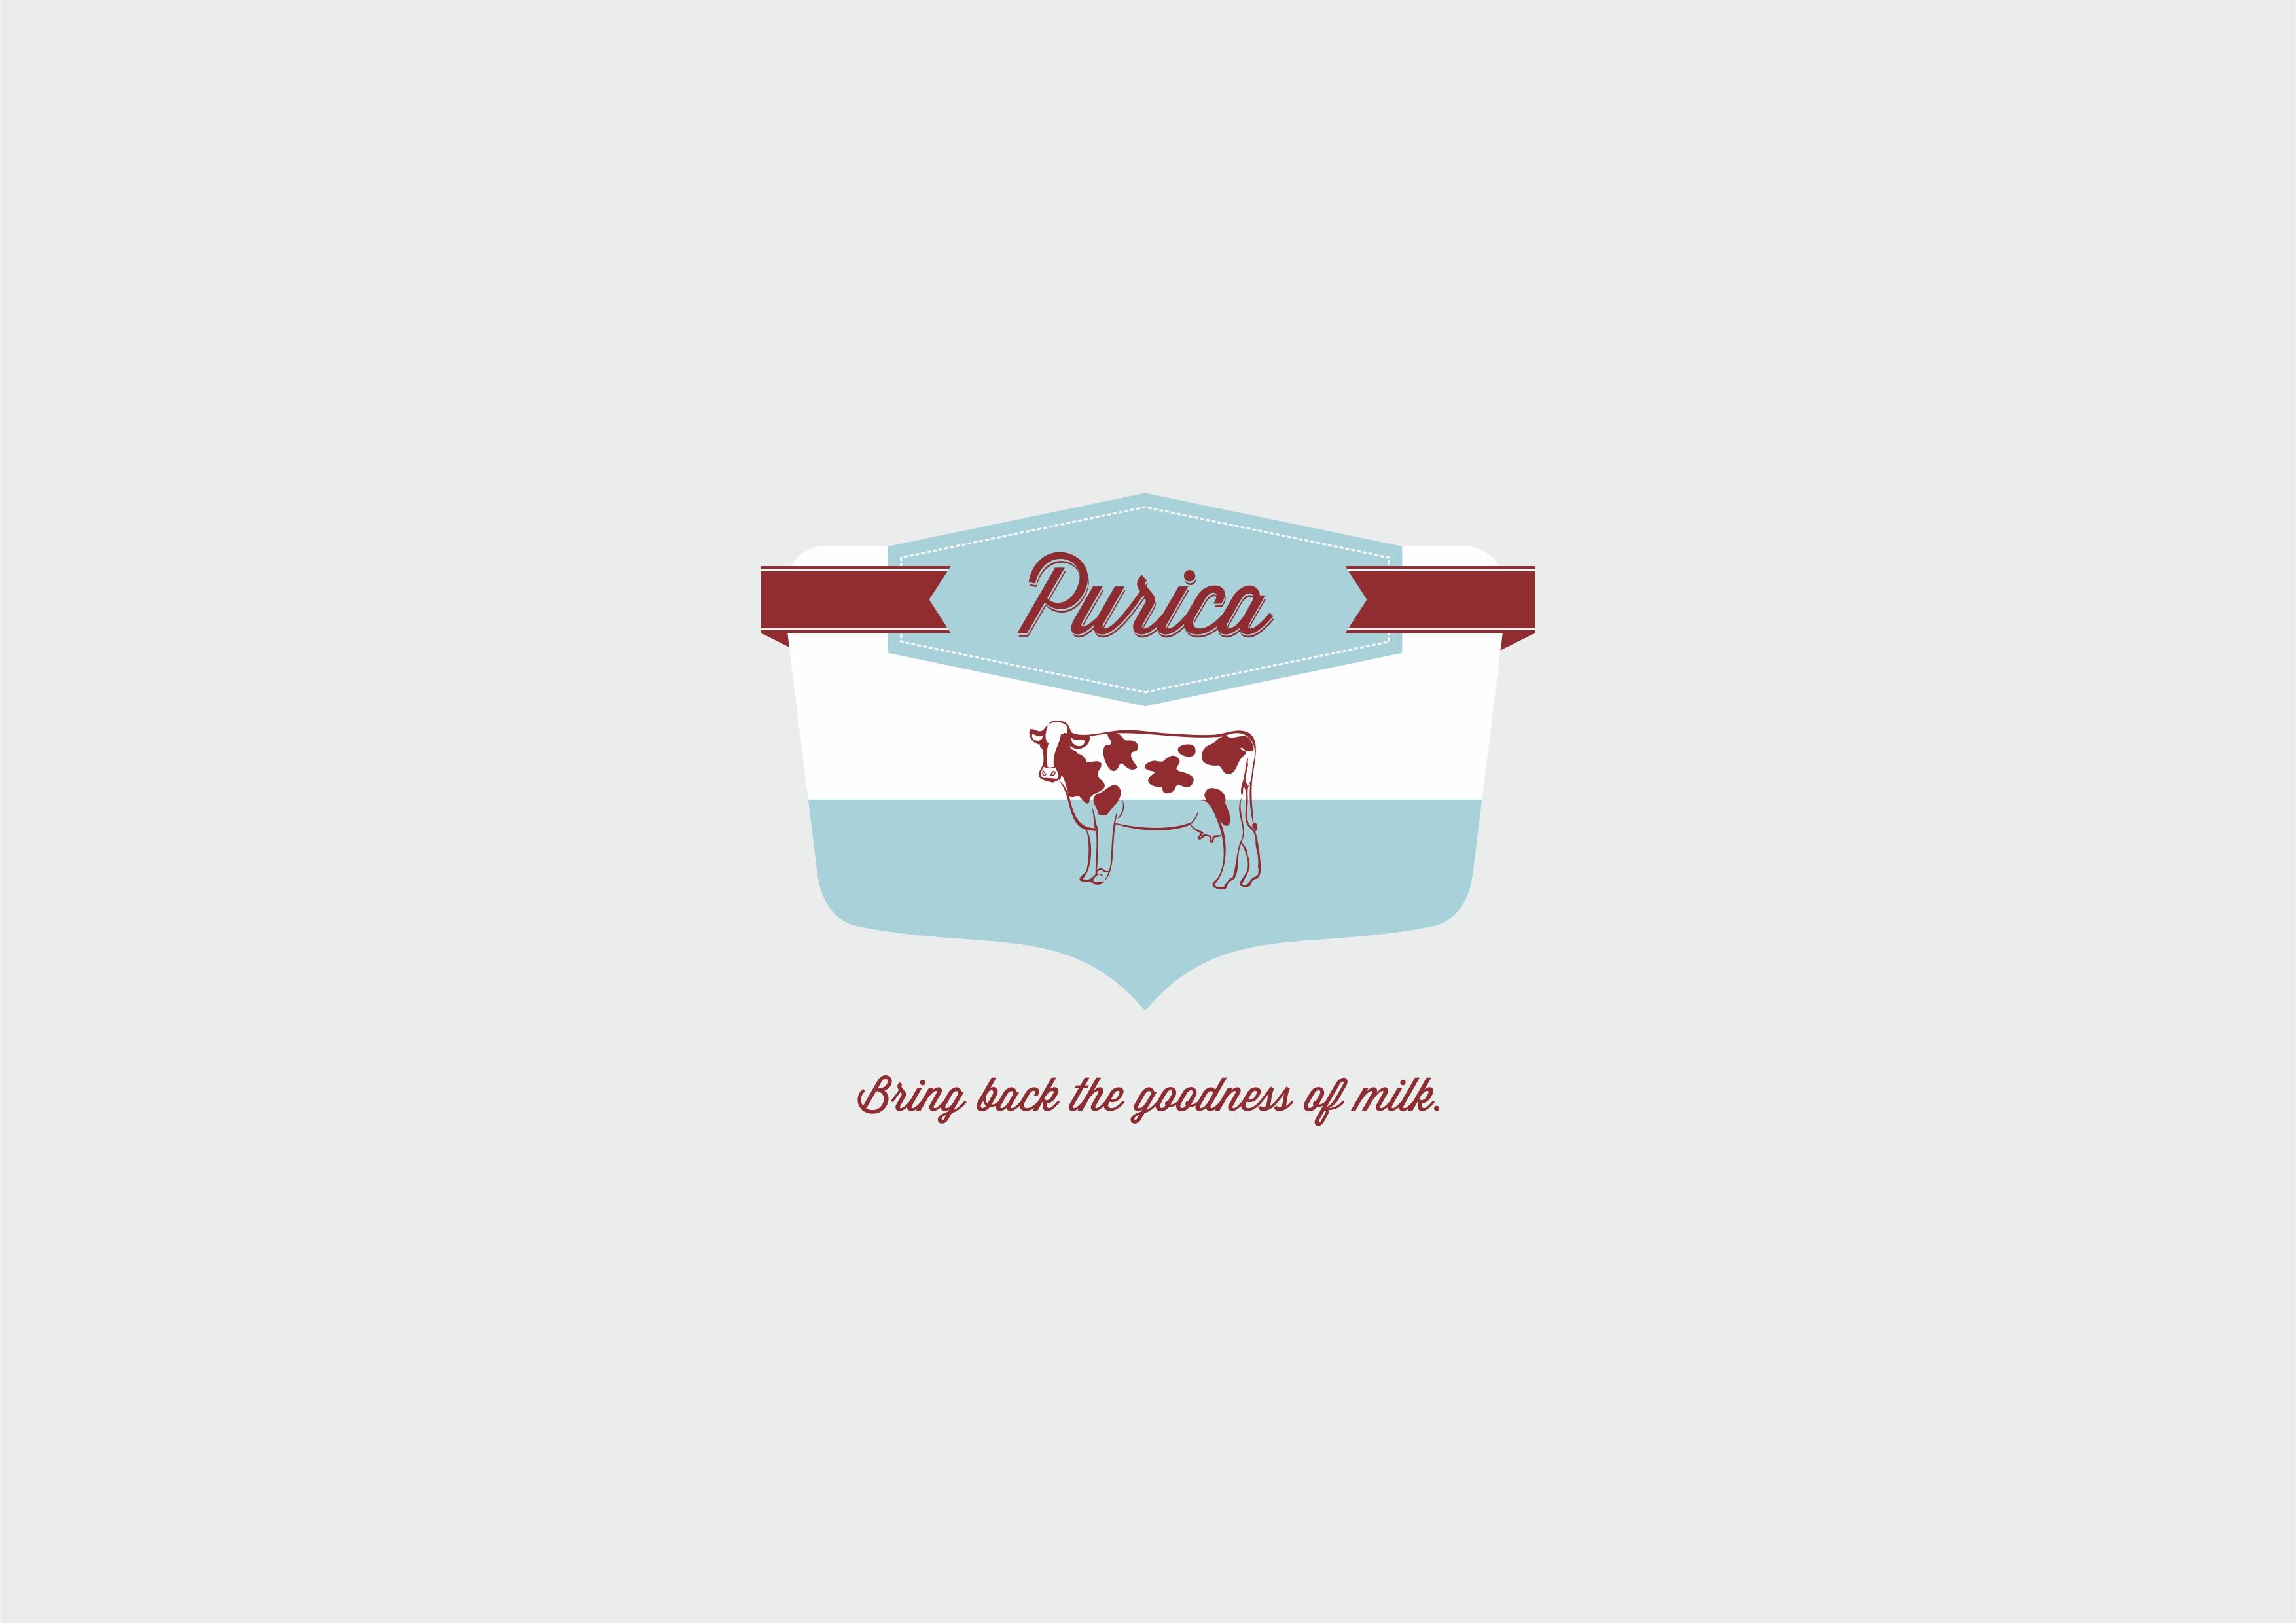 Purica Foods